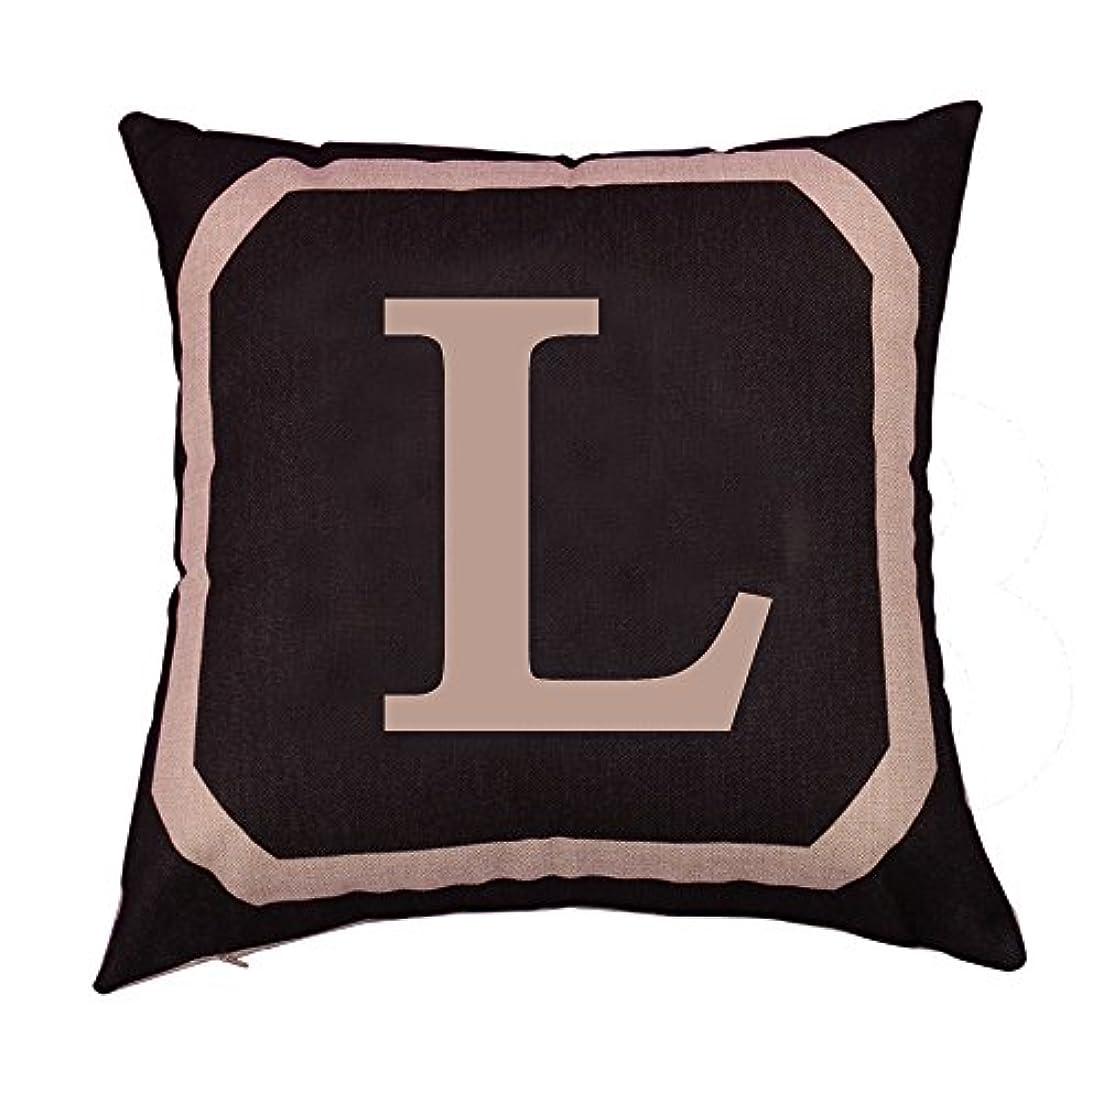 手つかずの袋建築B Blesiya 正方形のリネンコットン枕投げダブル枕ソファカバー家具L